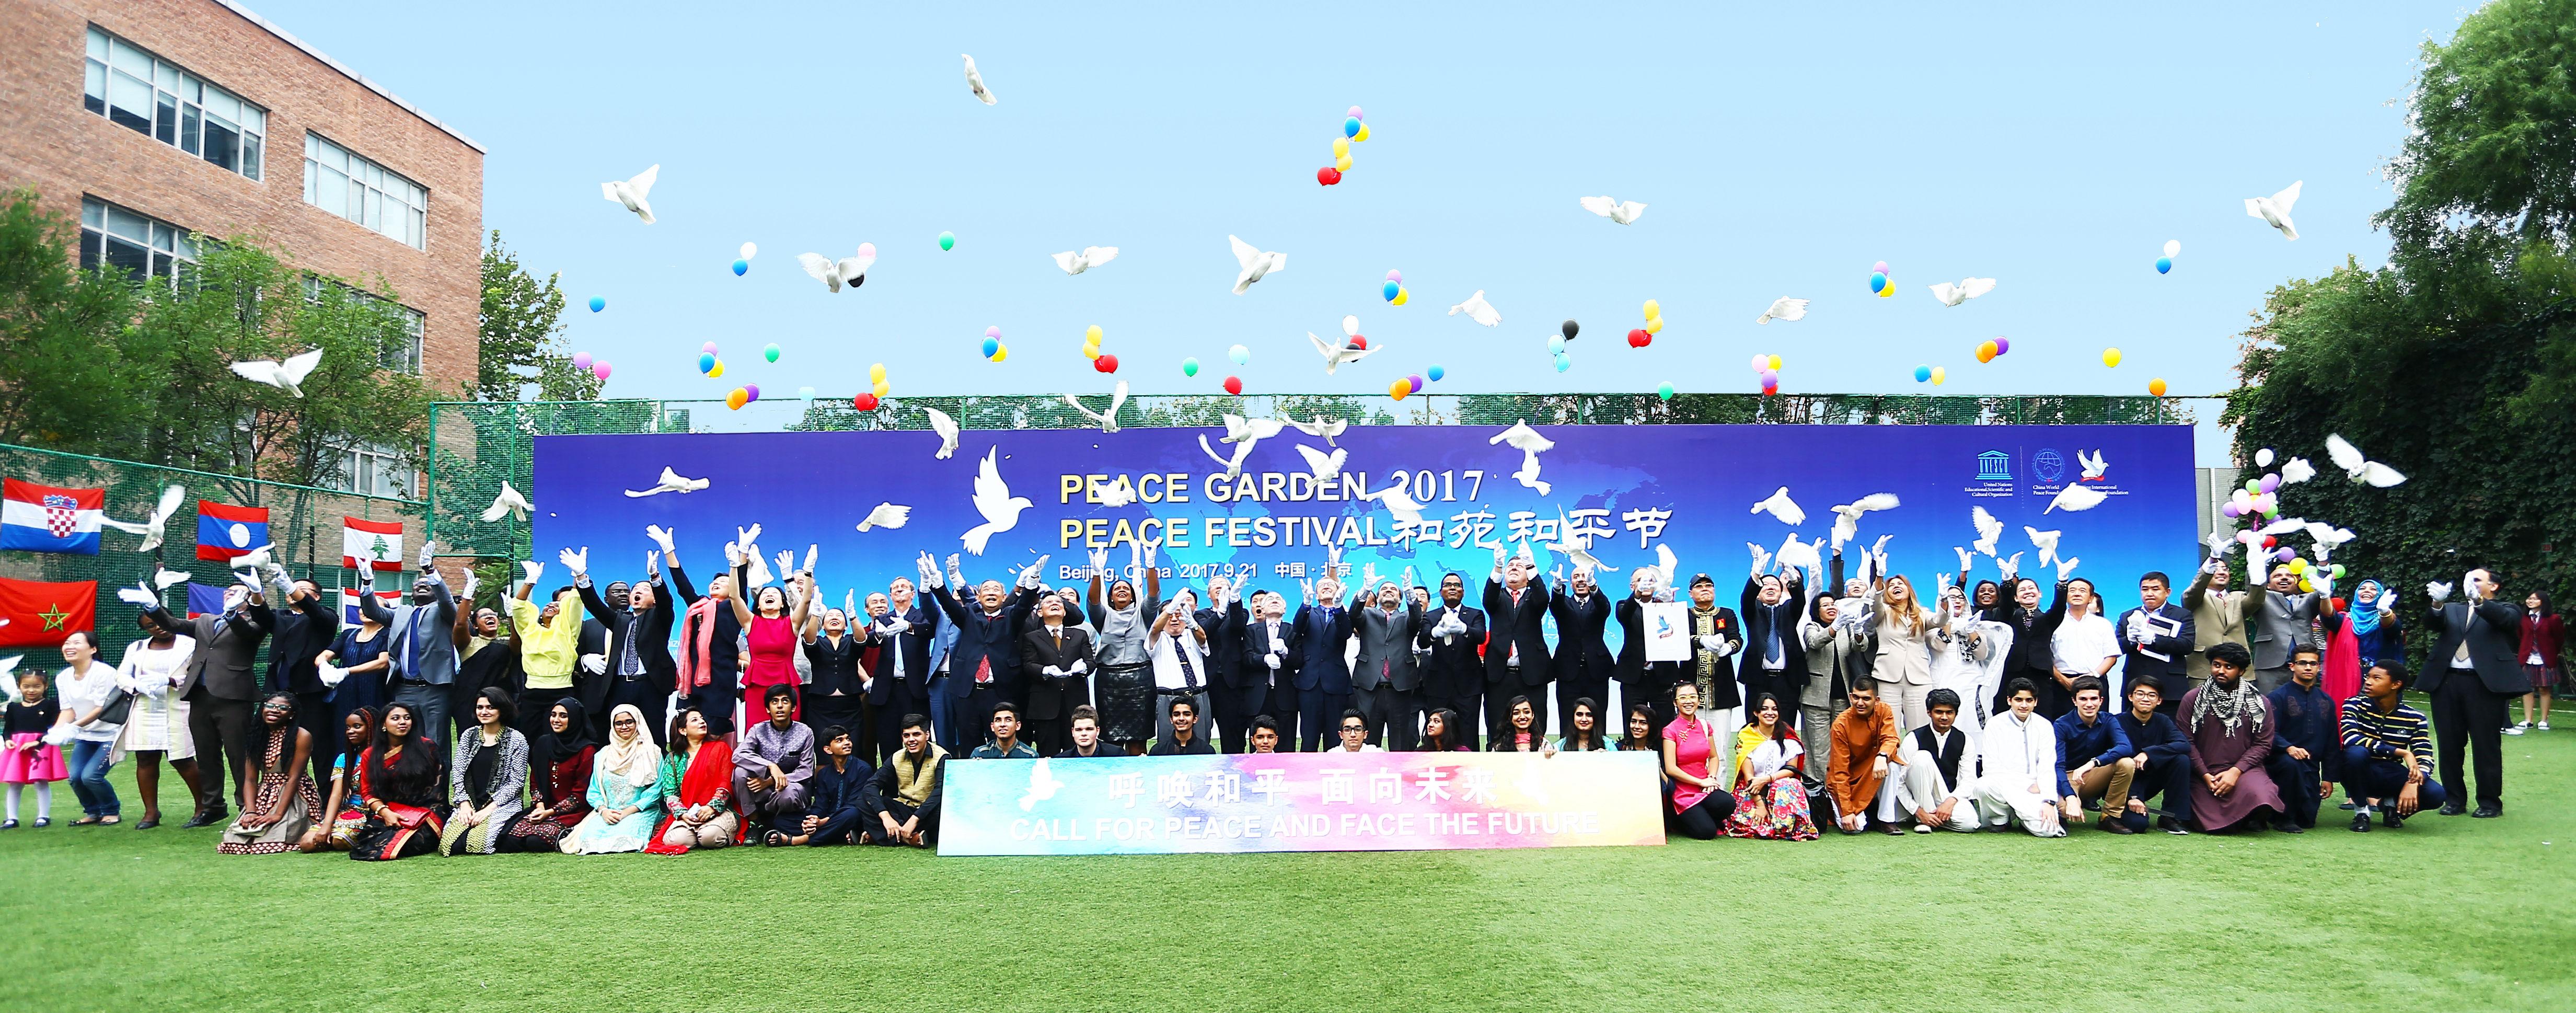 第四届和苑和平节在京举行 沙祖康:中国的力量是维护世界和平的力量